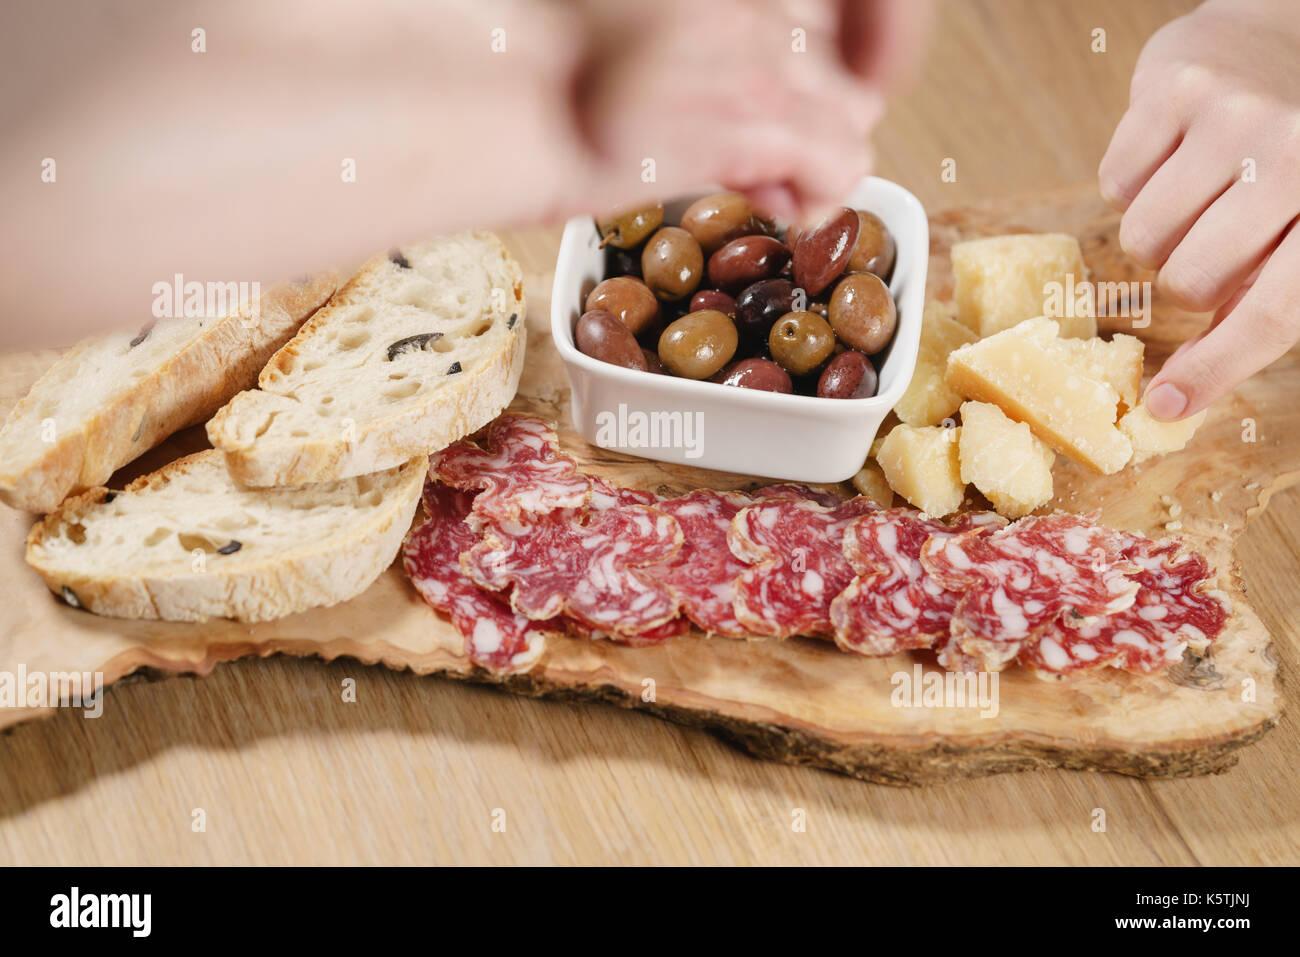 Le mani prendendo antipasti italiani stuzzichini sul tavolo closeup Immagini Stock